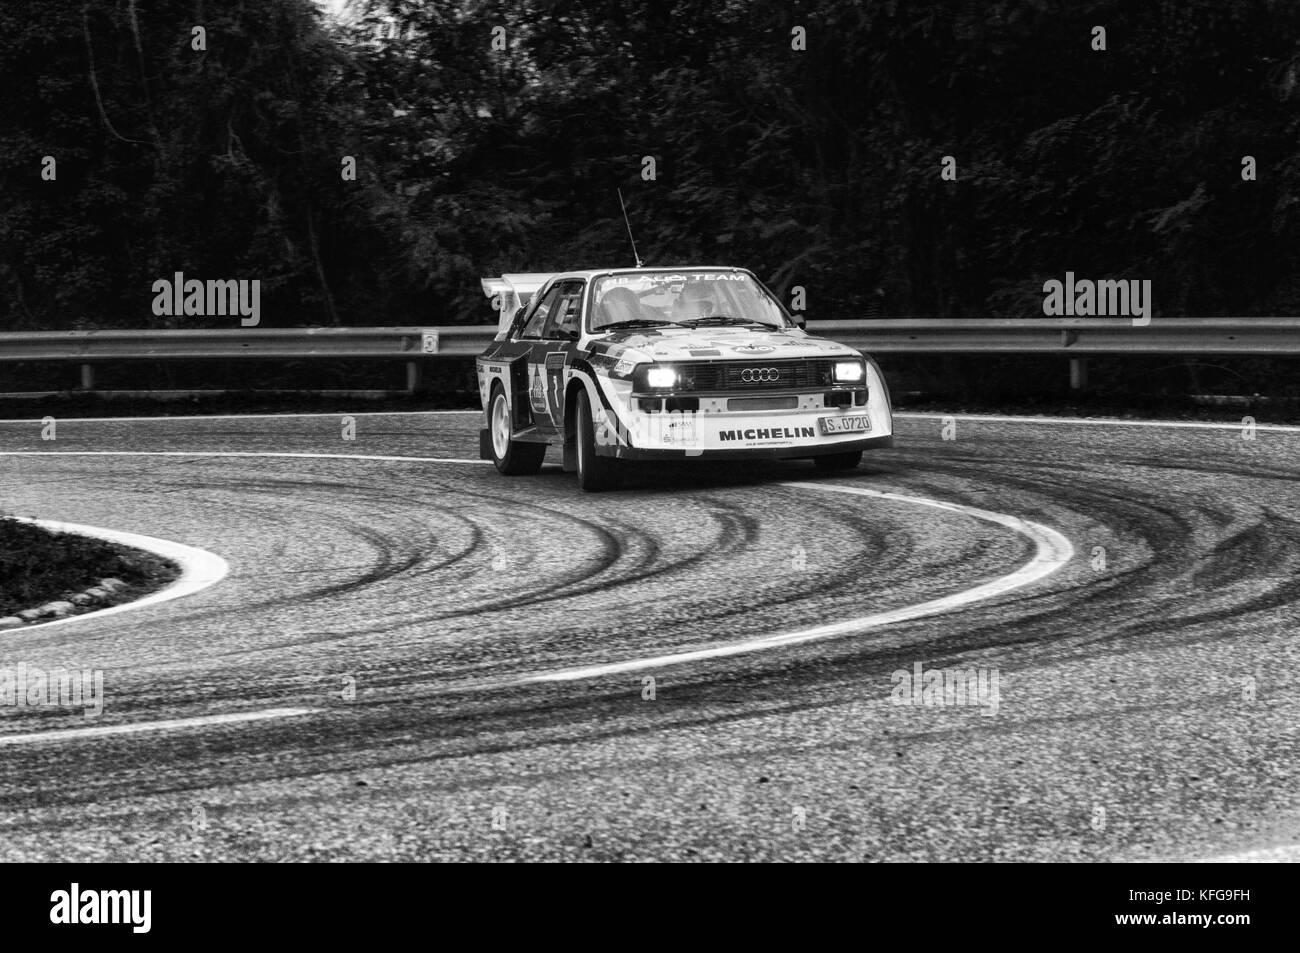 san marino, san marino - ott 21 : audi sport quattro s1 old racing